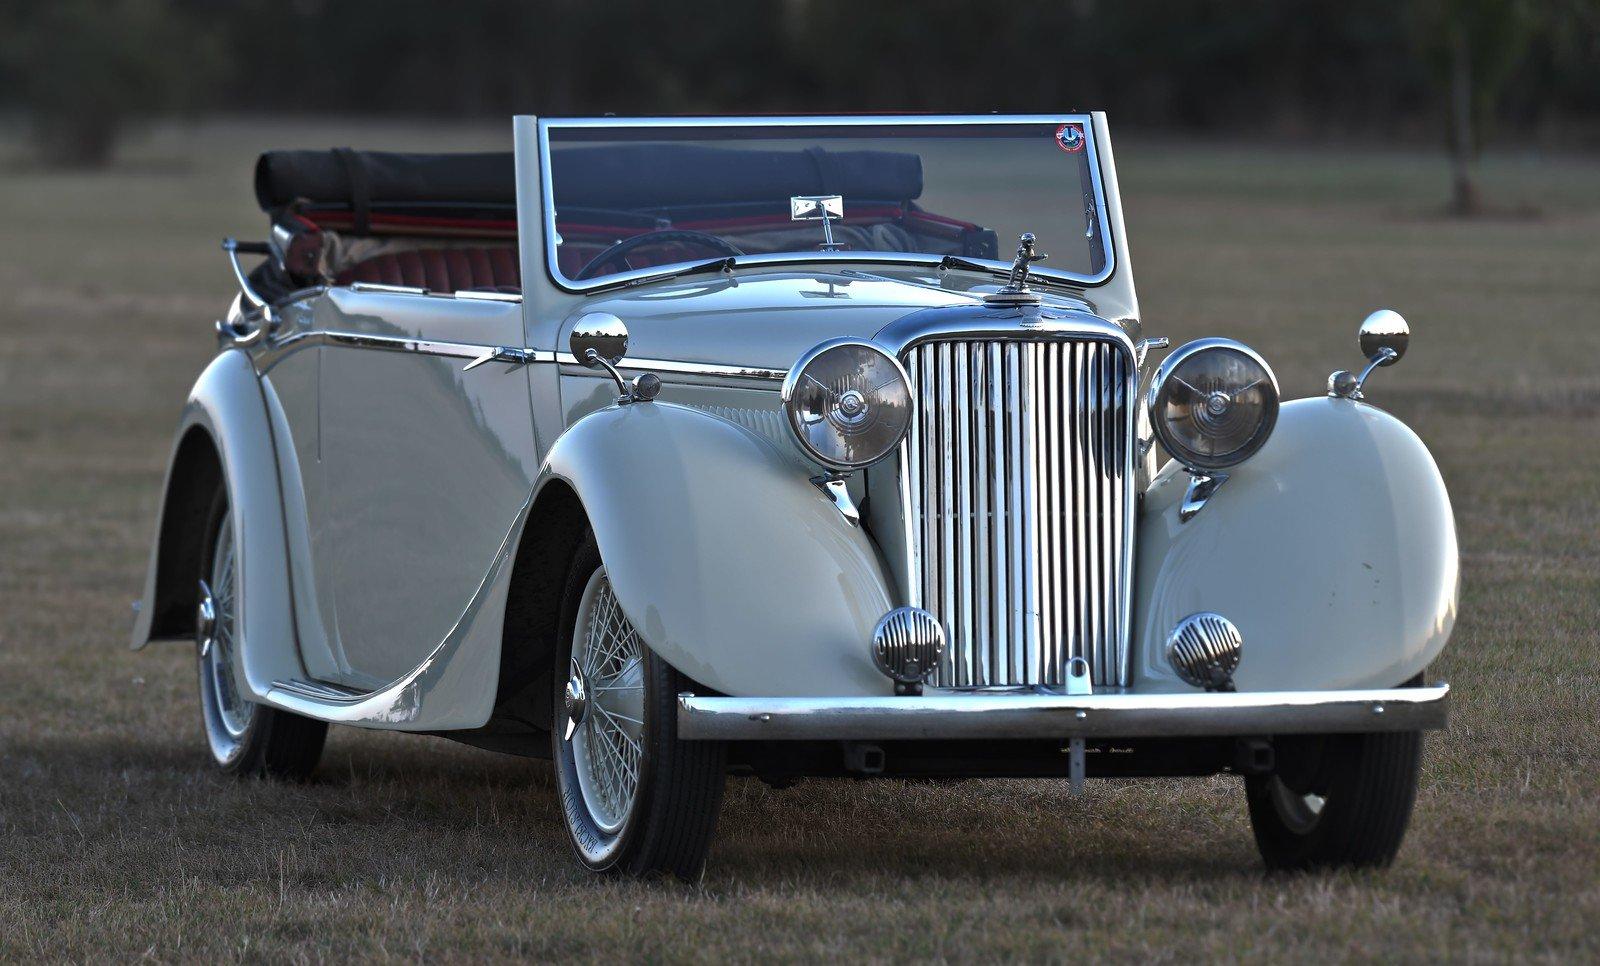 1939 Jaguar SS 1 ½ Litre Drophead Coupe For Sale (picture 1 of 6)